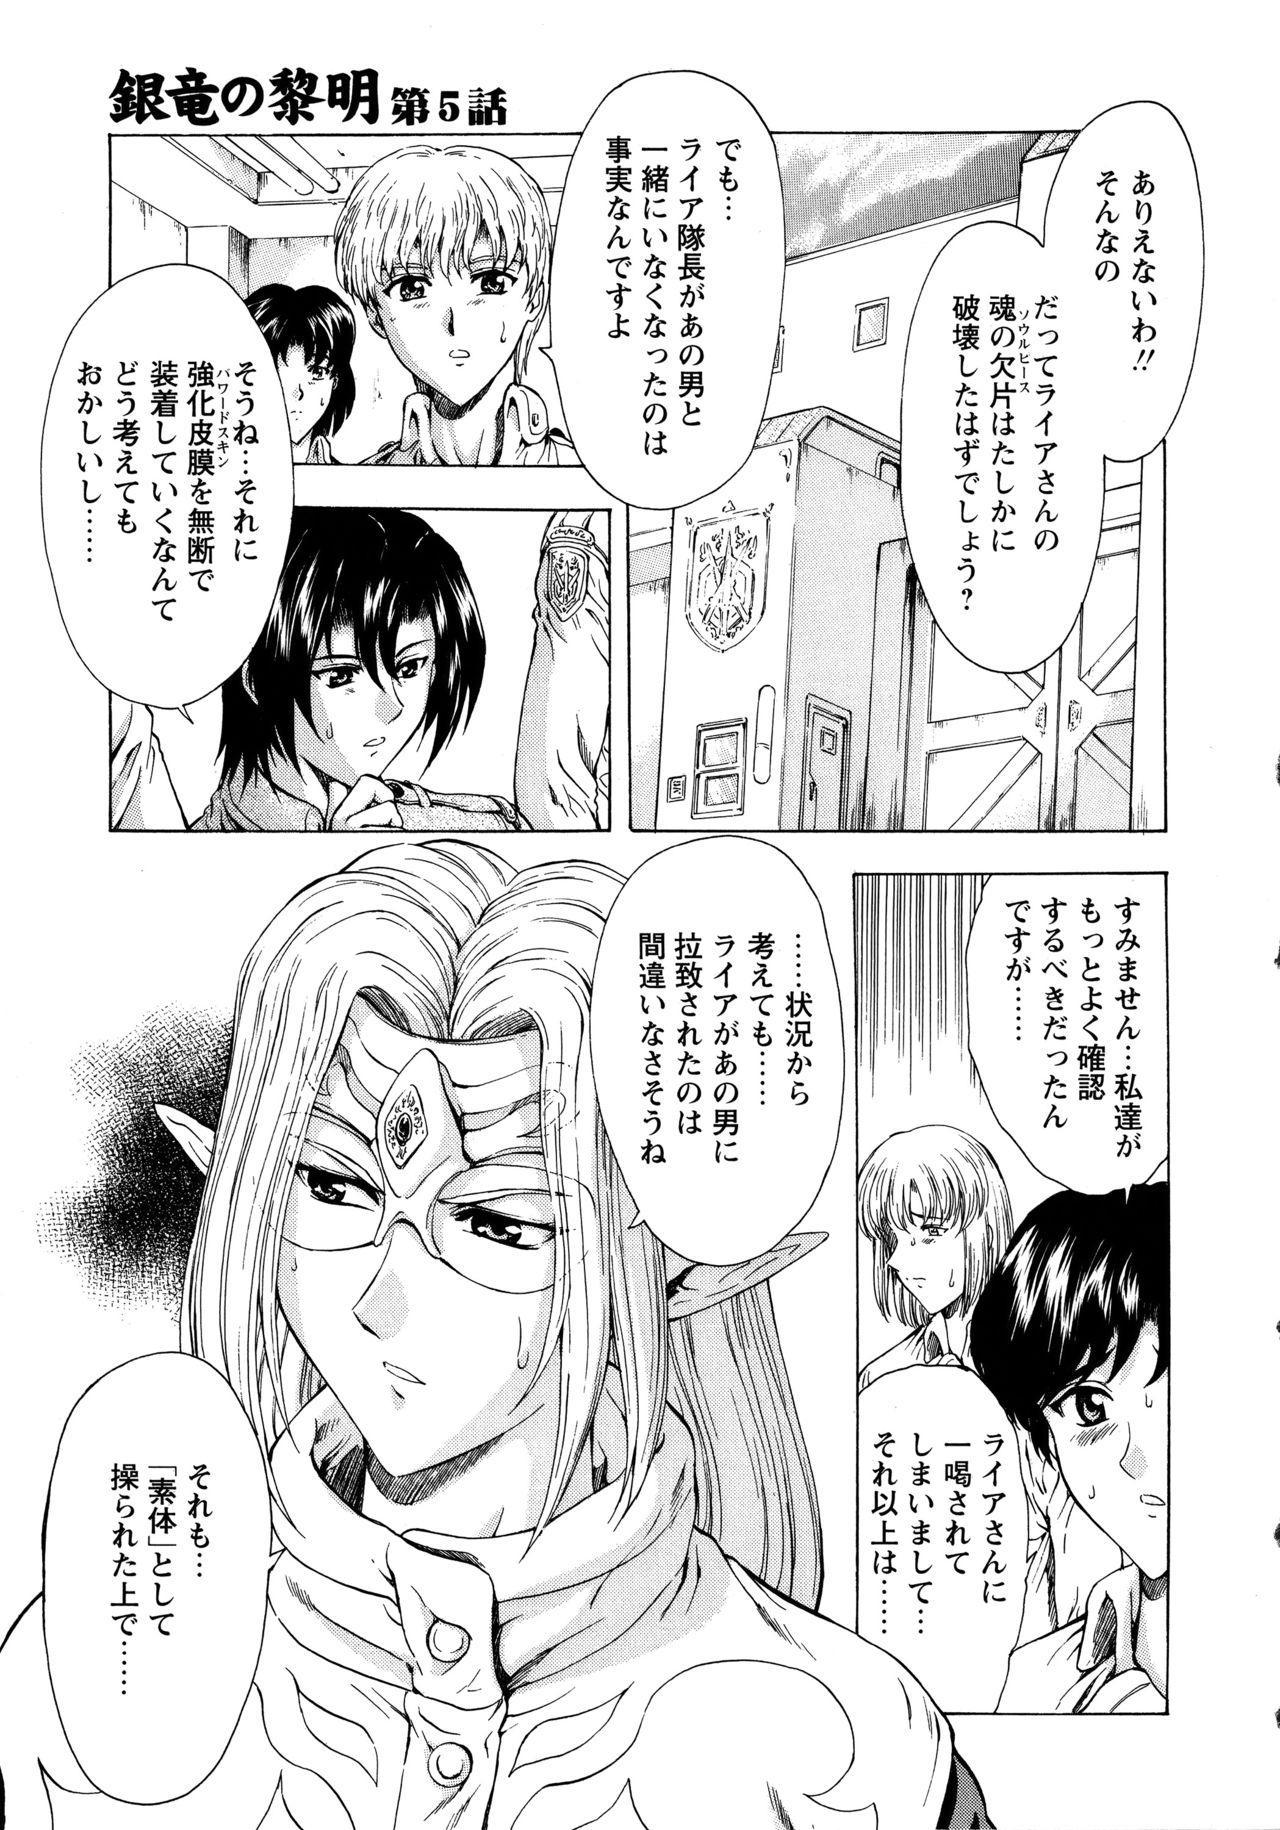 Ginryuu no Reimei Vol. 1 94